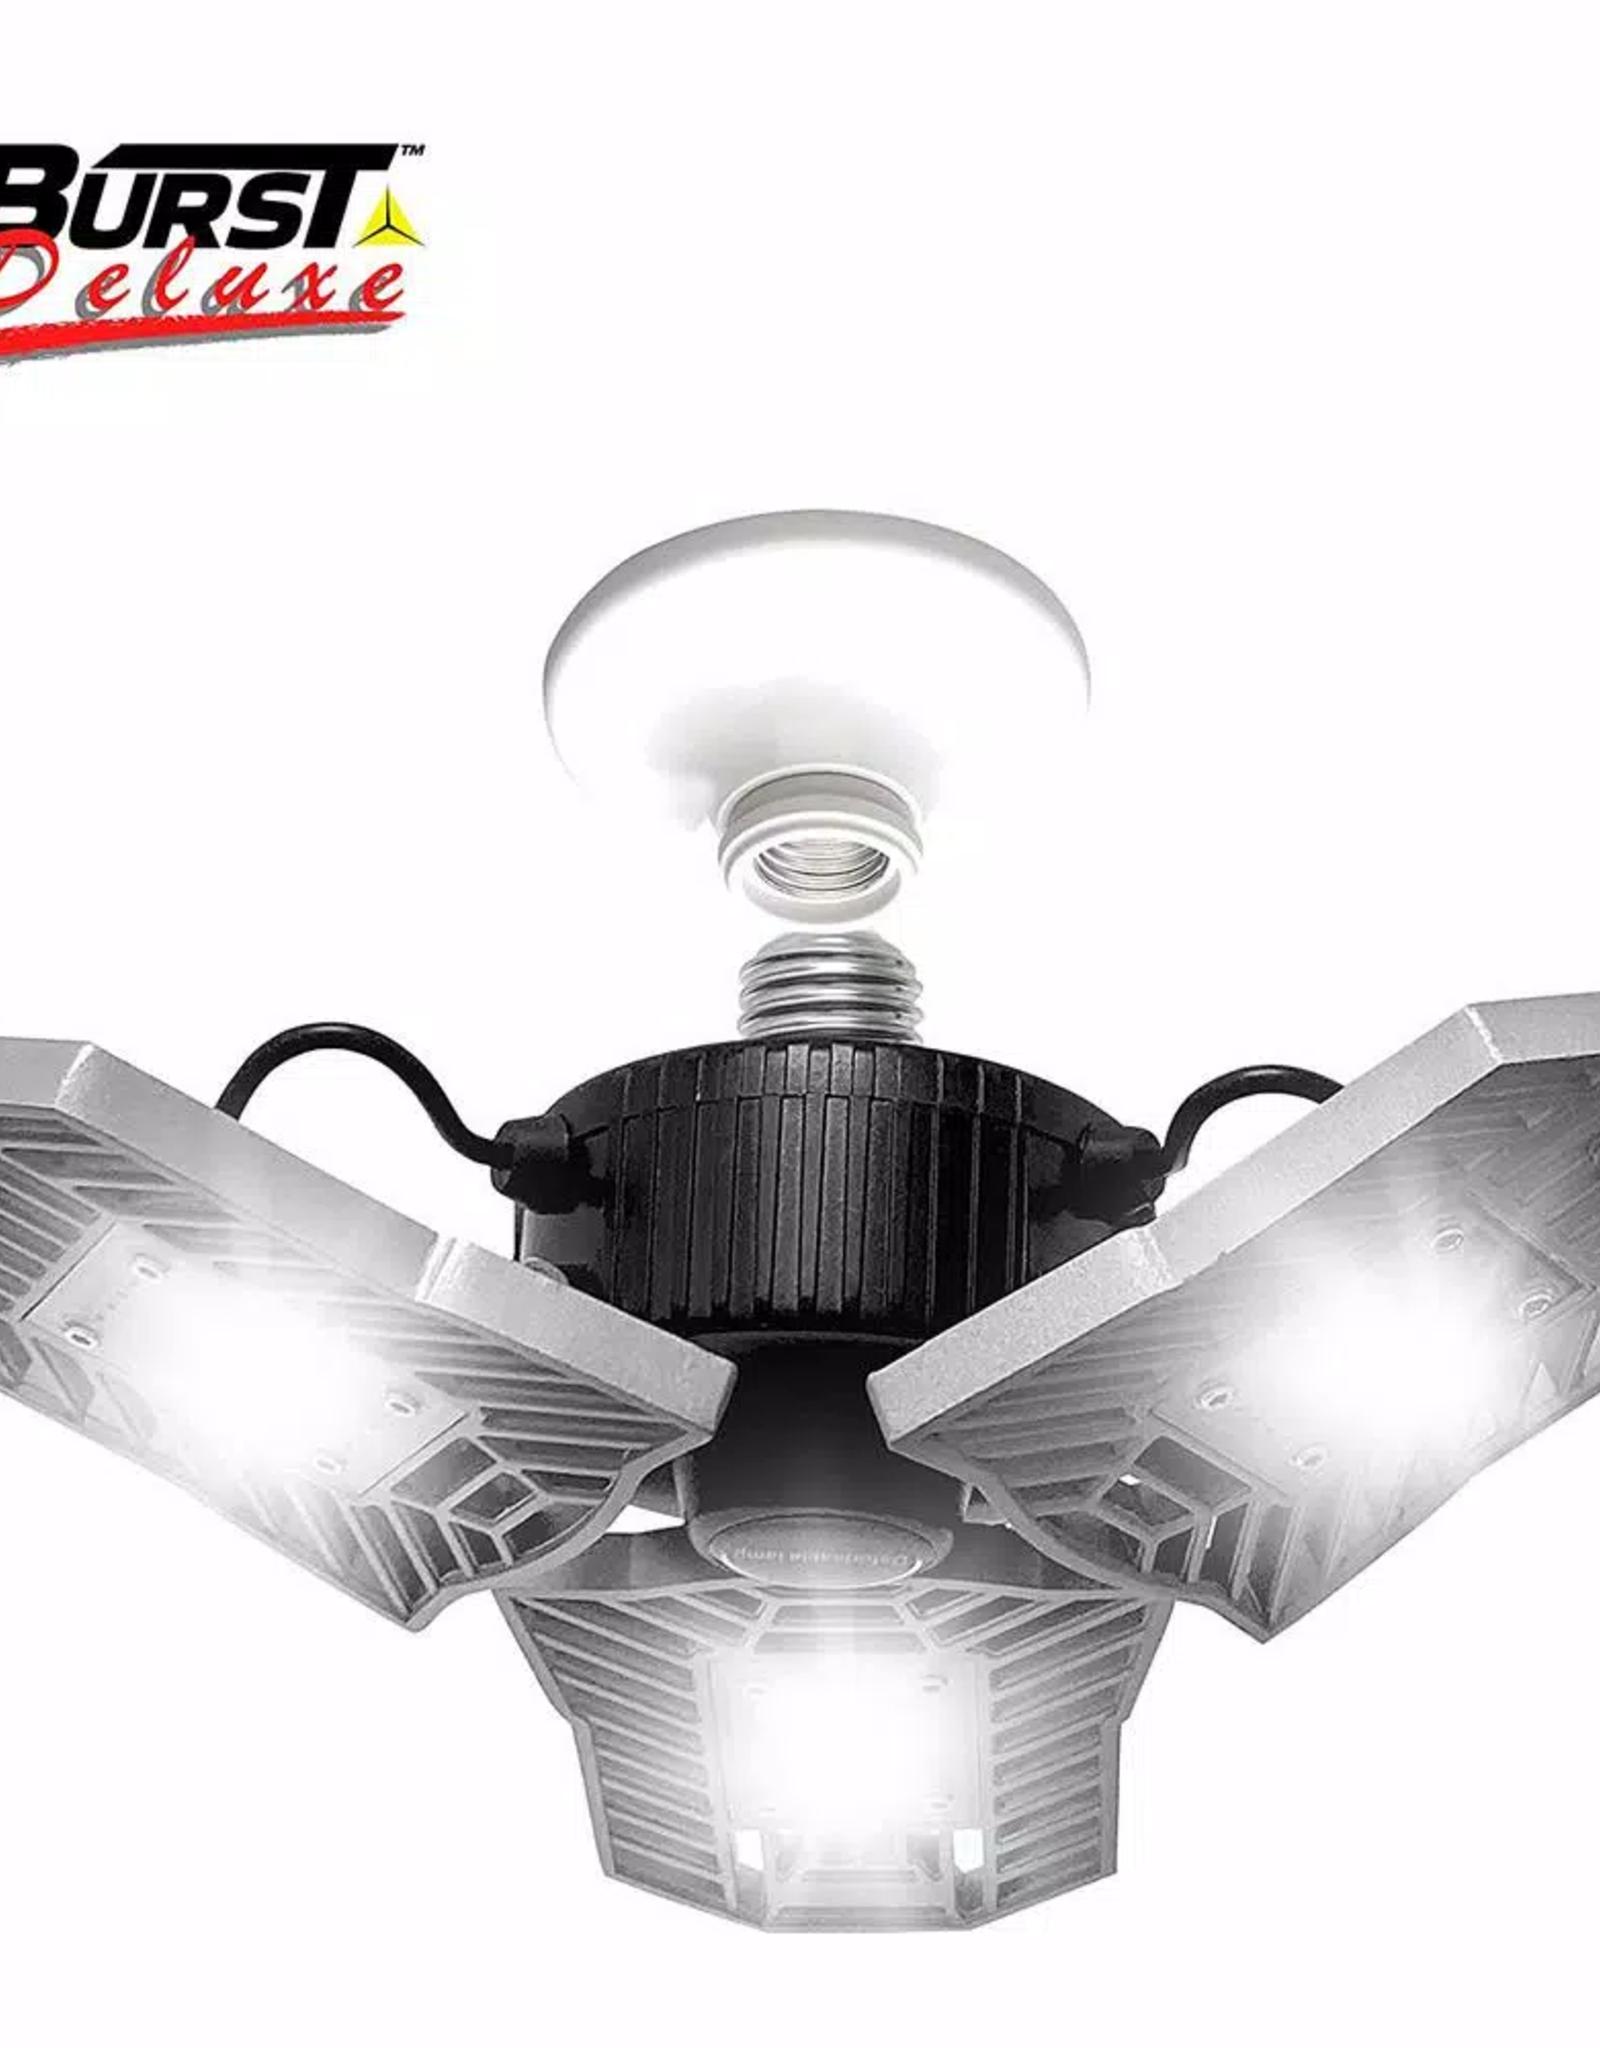 Bell + Howell TriBurst Deluxe 10.5 in. 144 High Intensity LED 5500 Lumens Flush Mount Ceiling Light